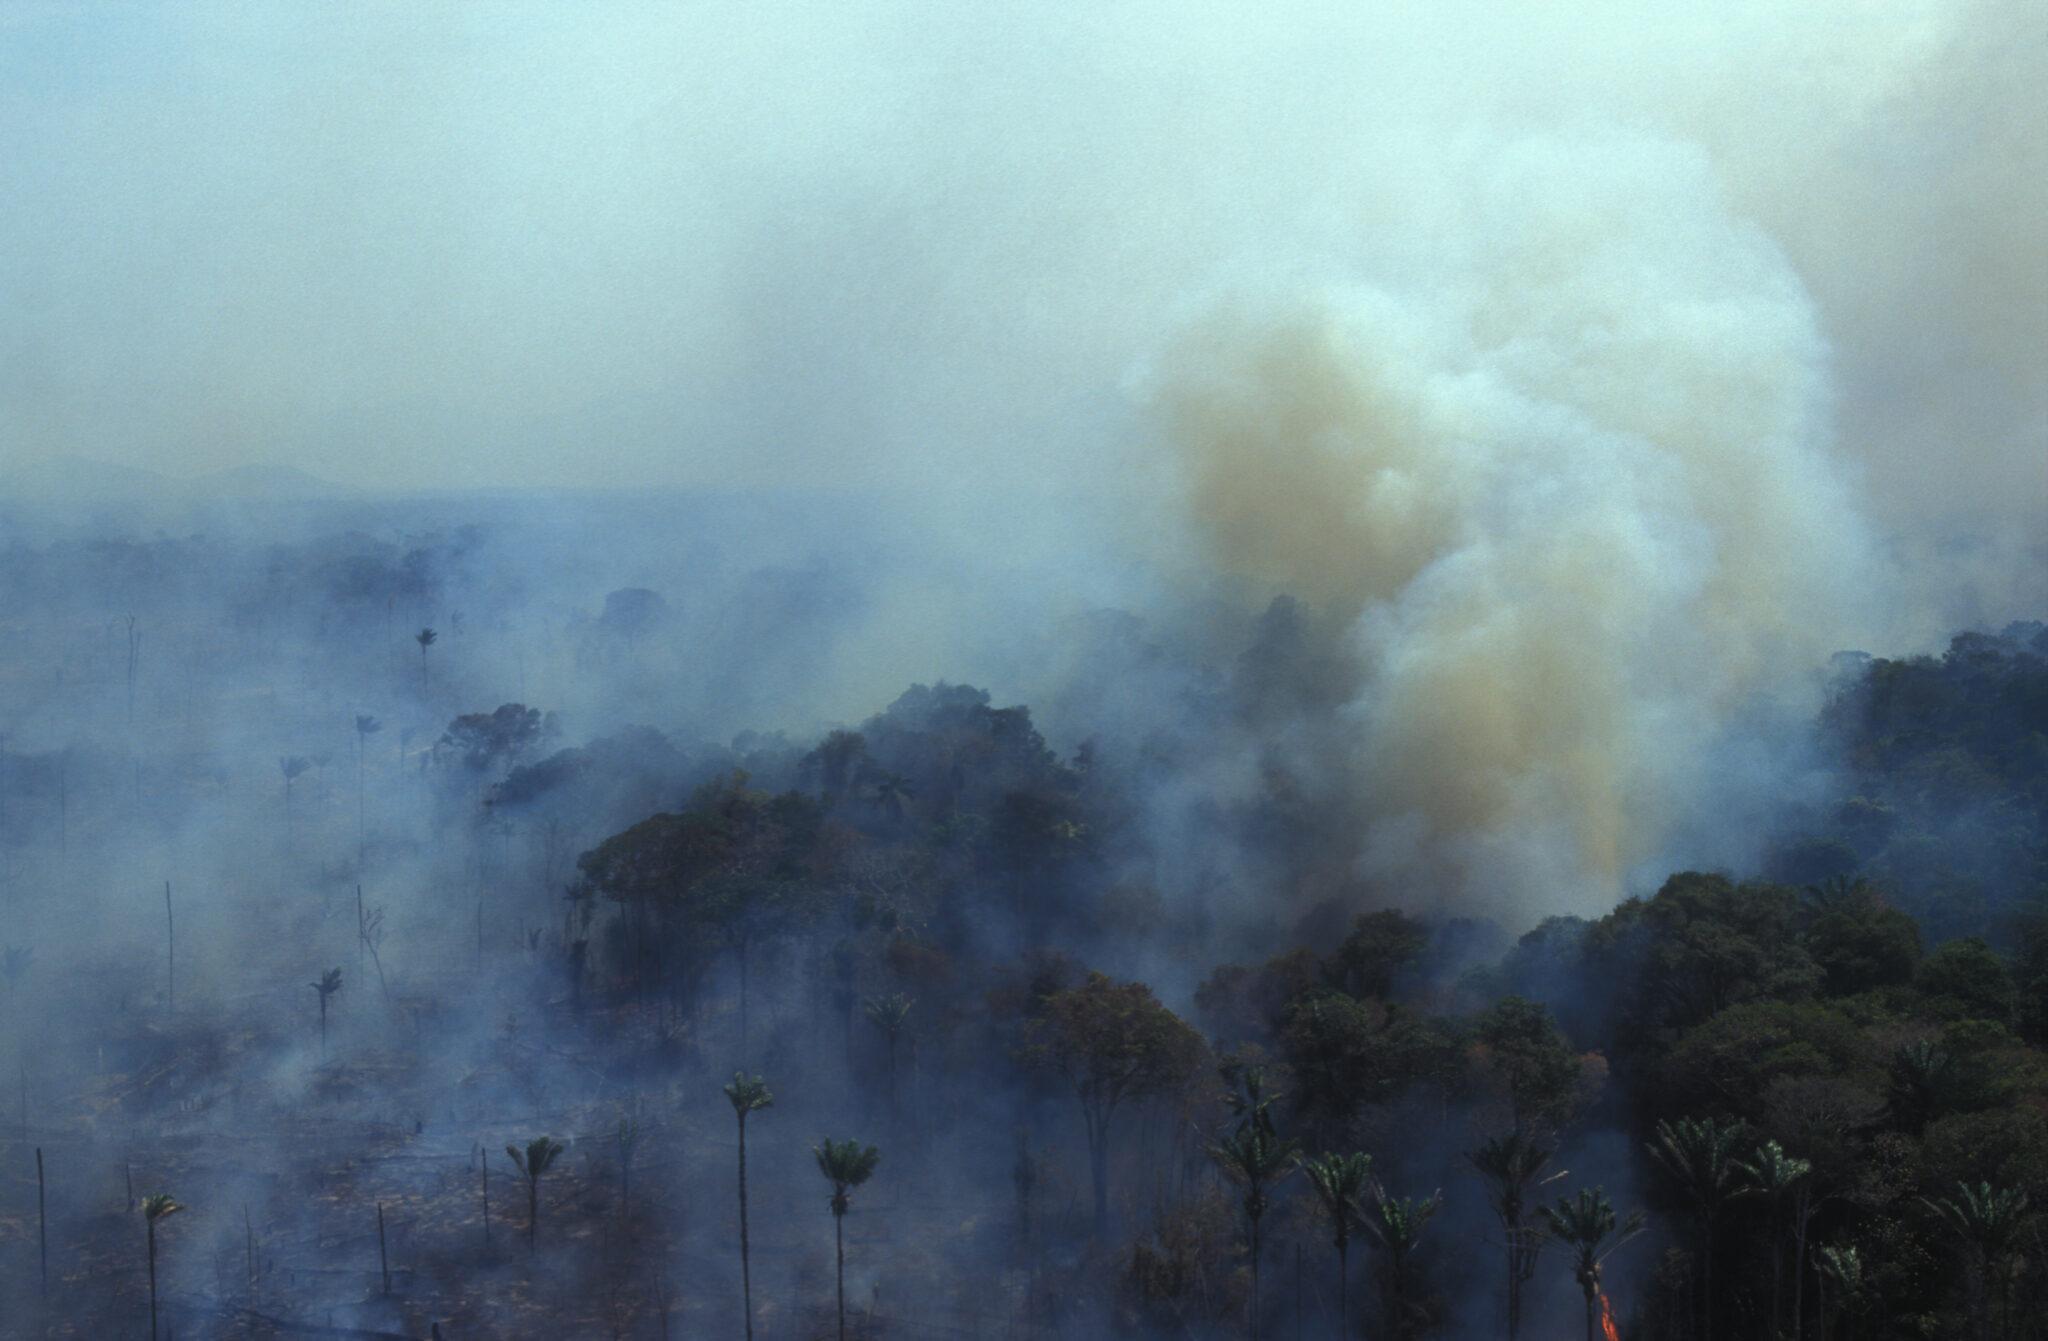 Sehr viel Rauch über dem Regenwald